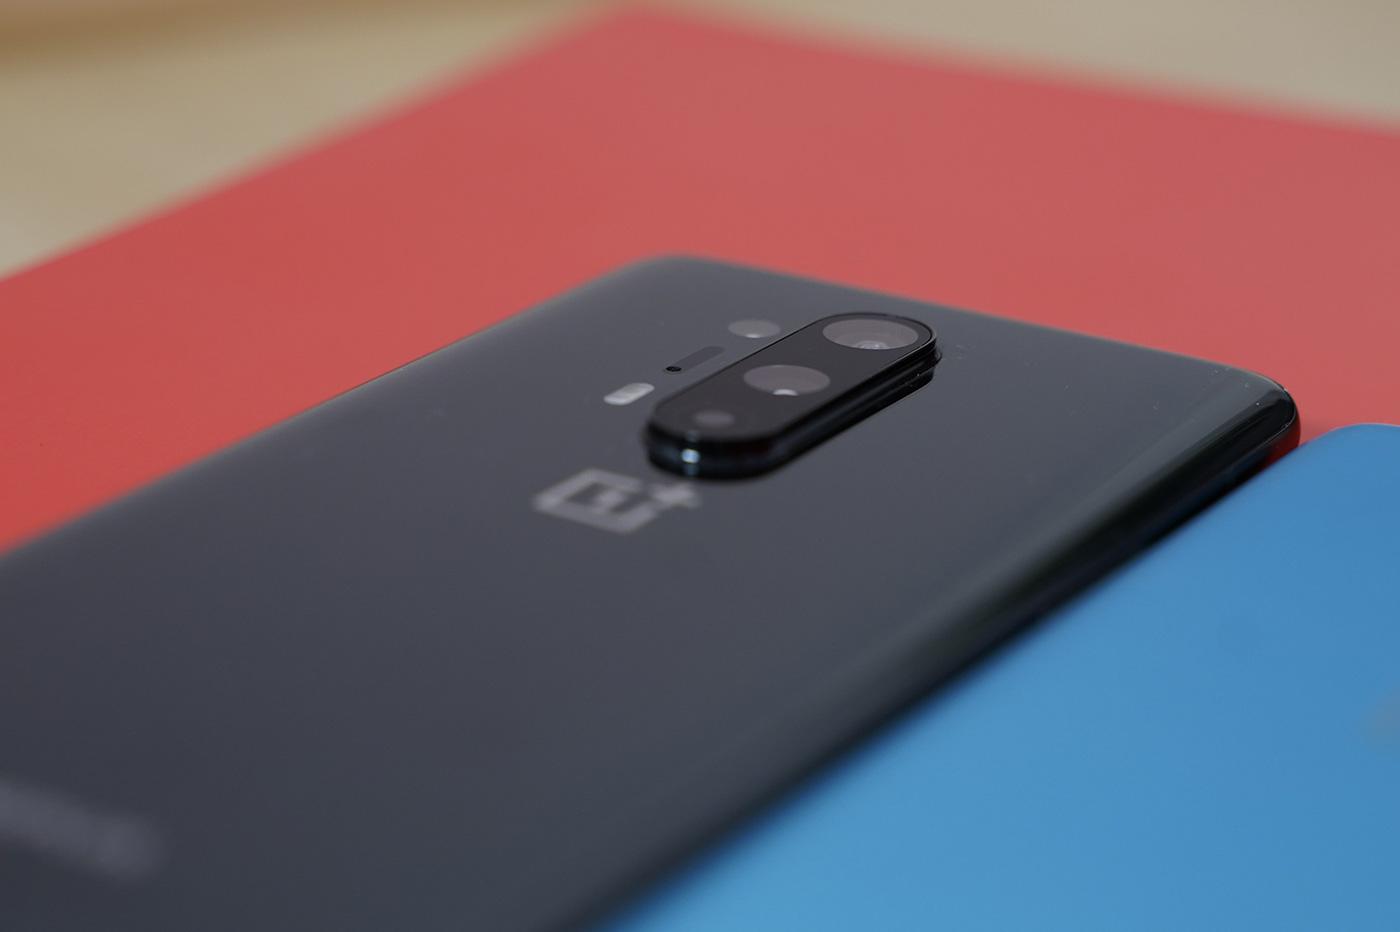 Le bloc photo du OnePlus 8 Pro